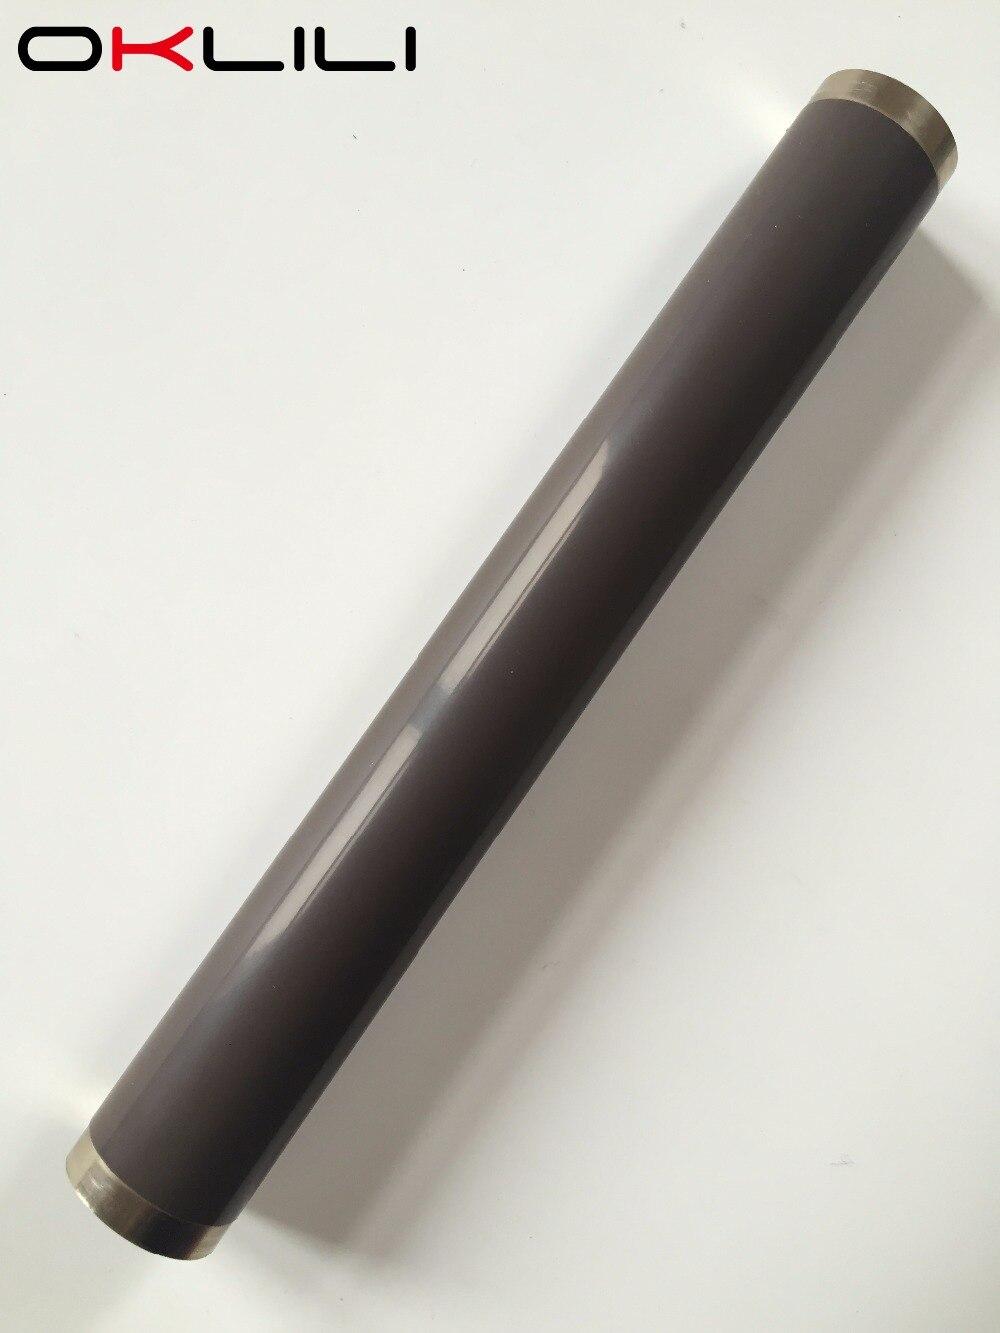 ORIGINAL quality for HP P4010 P4014 P4015 P4515 M4555 M600 M601 M602 M603 Fuser film sleeve